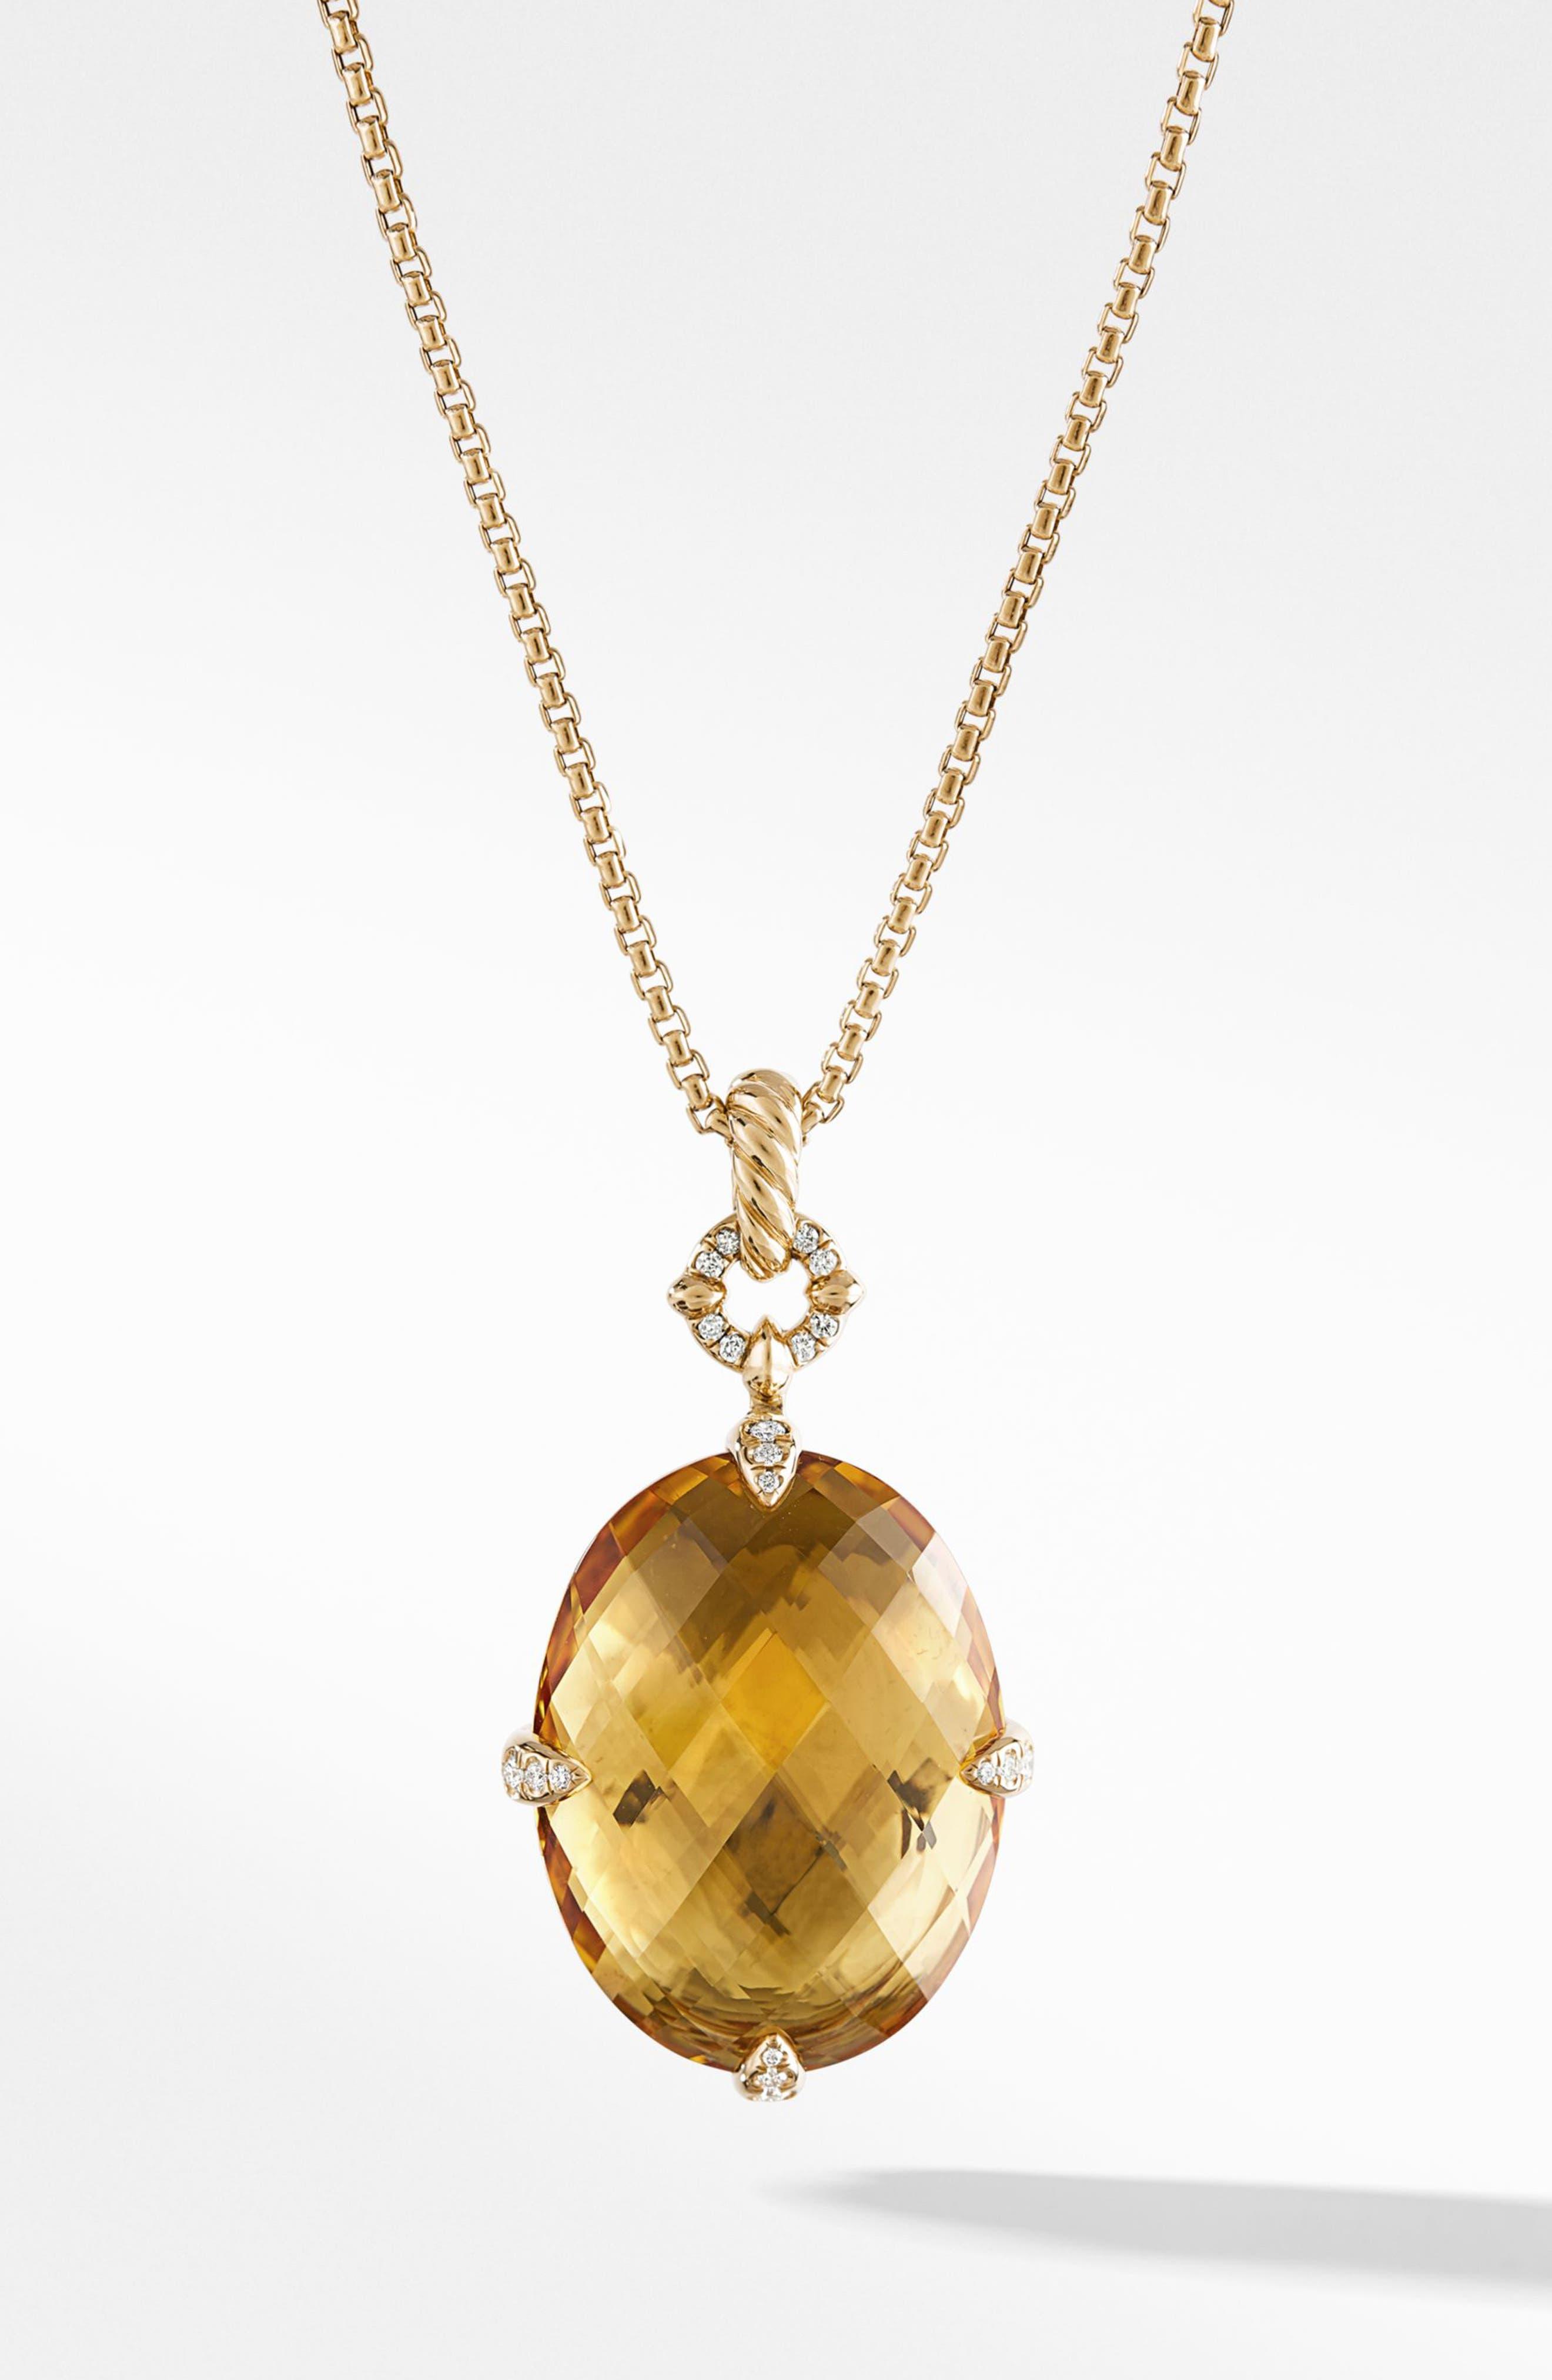 Chatelaine<sup>®</sup> 18k Gold Pendant Necklace with Honey Quartz & Diamonds,                             Main thumbnail 1, color,                             GOLD/ DIAMOND/ HONEY QUARTZ